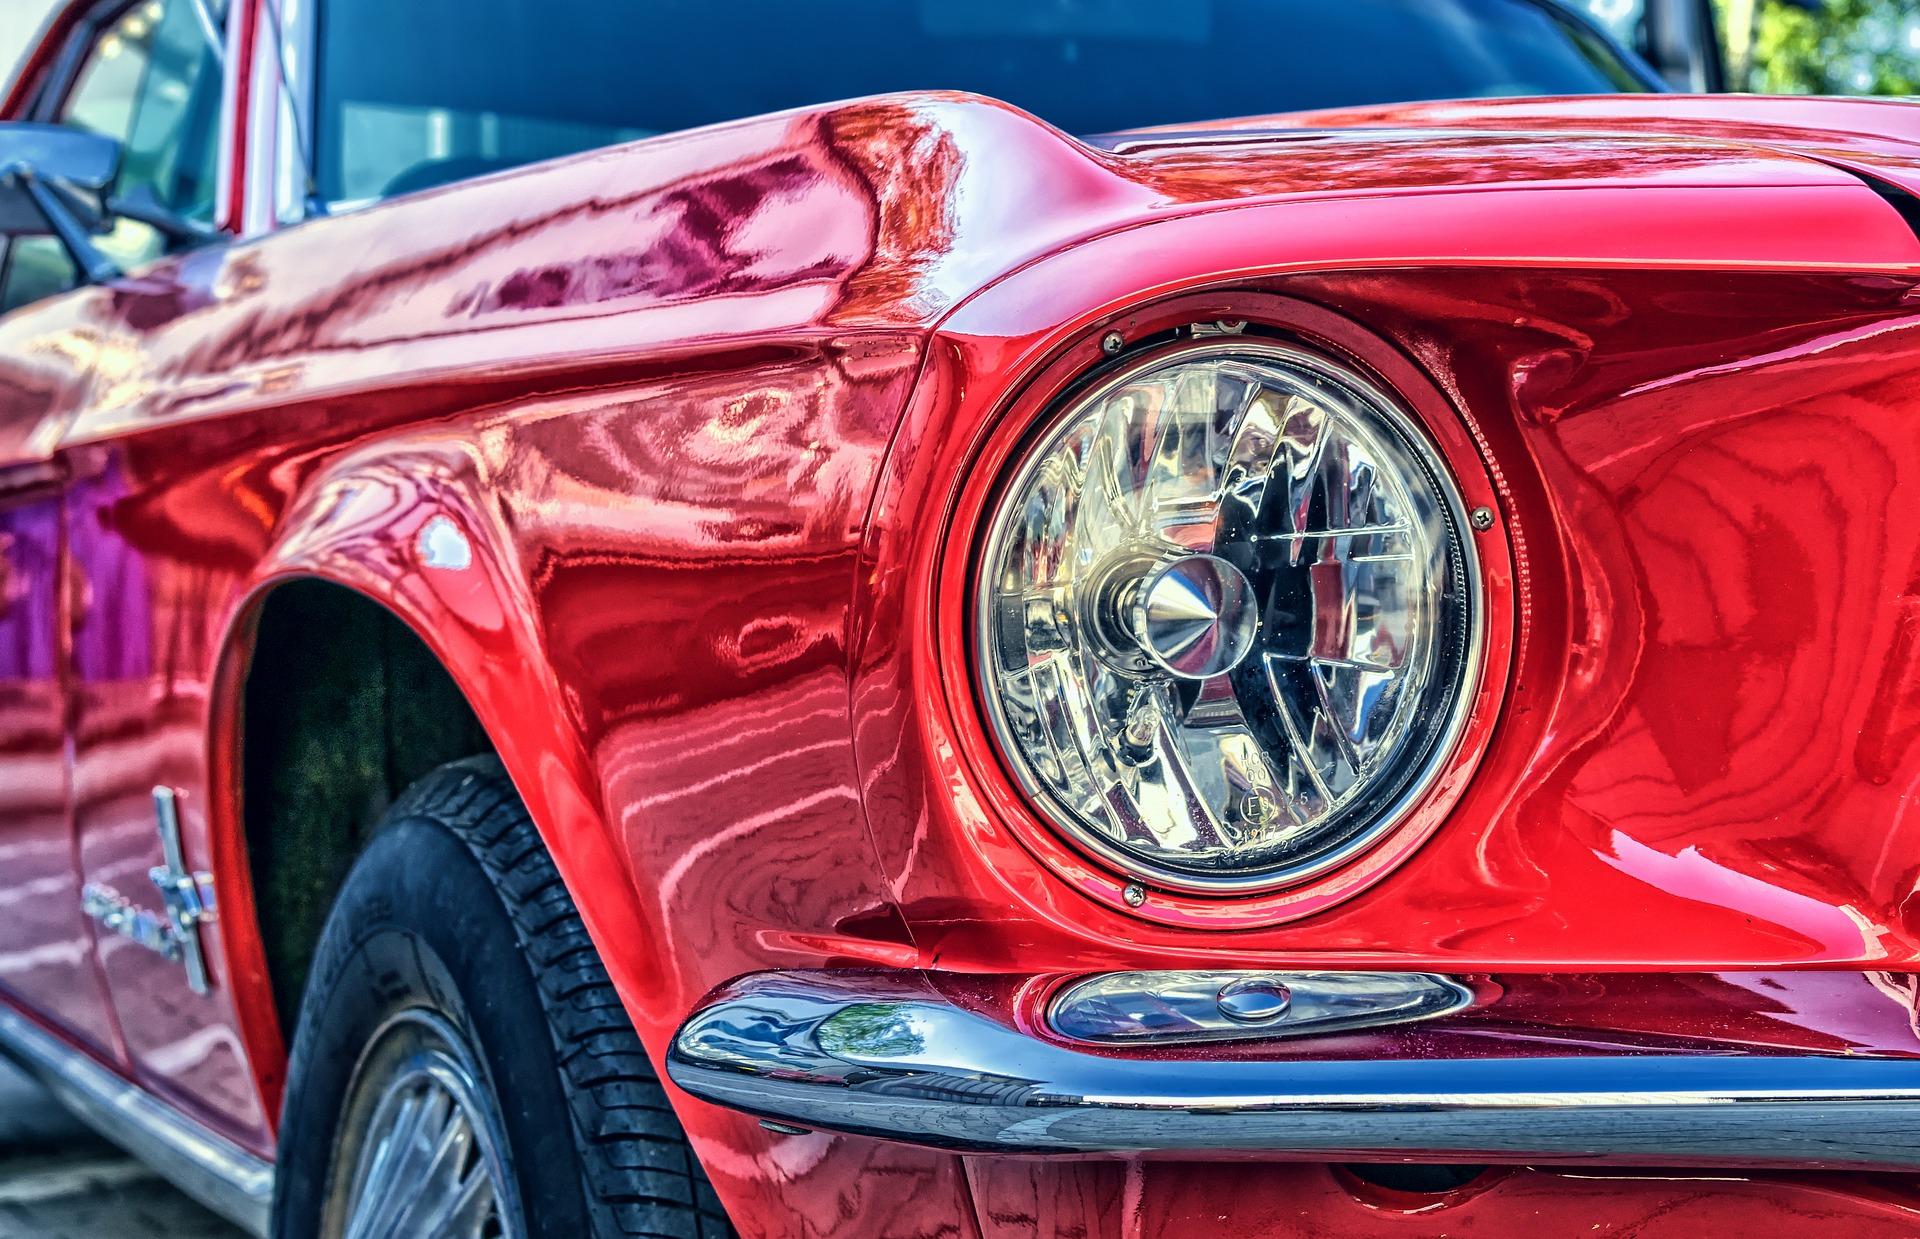 Wymiana części samochodowych – samodzielnie czy u mechanika?